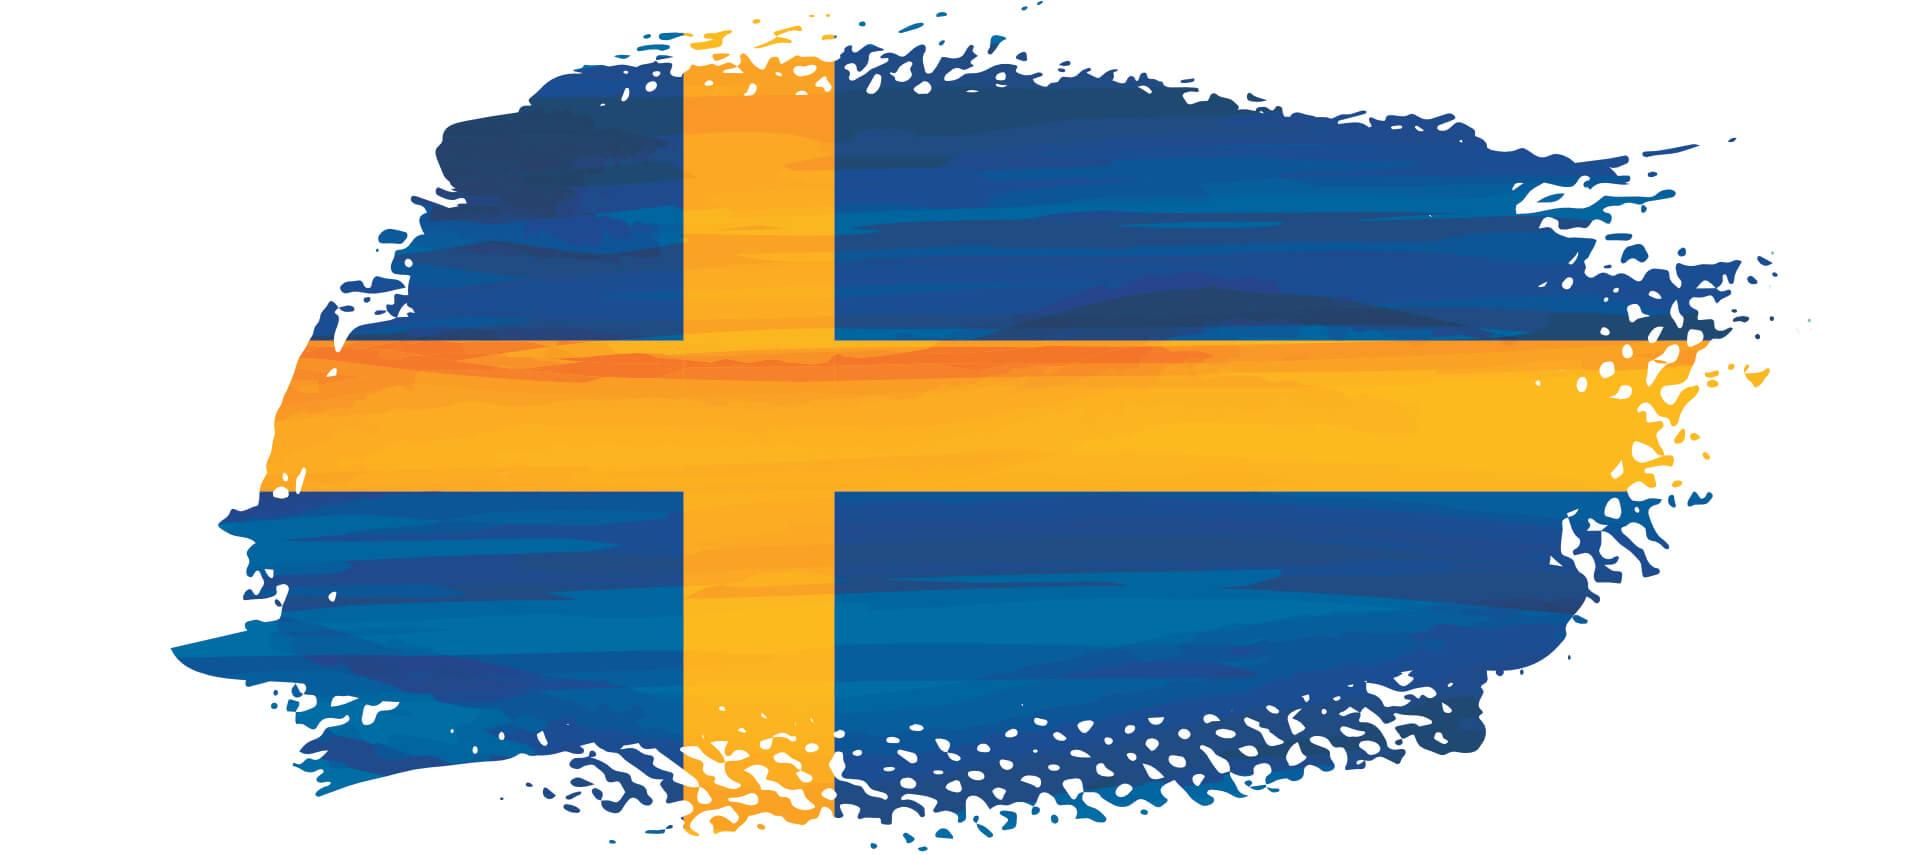 Svenskeflagget til aktuelt siden